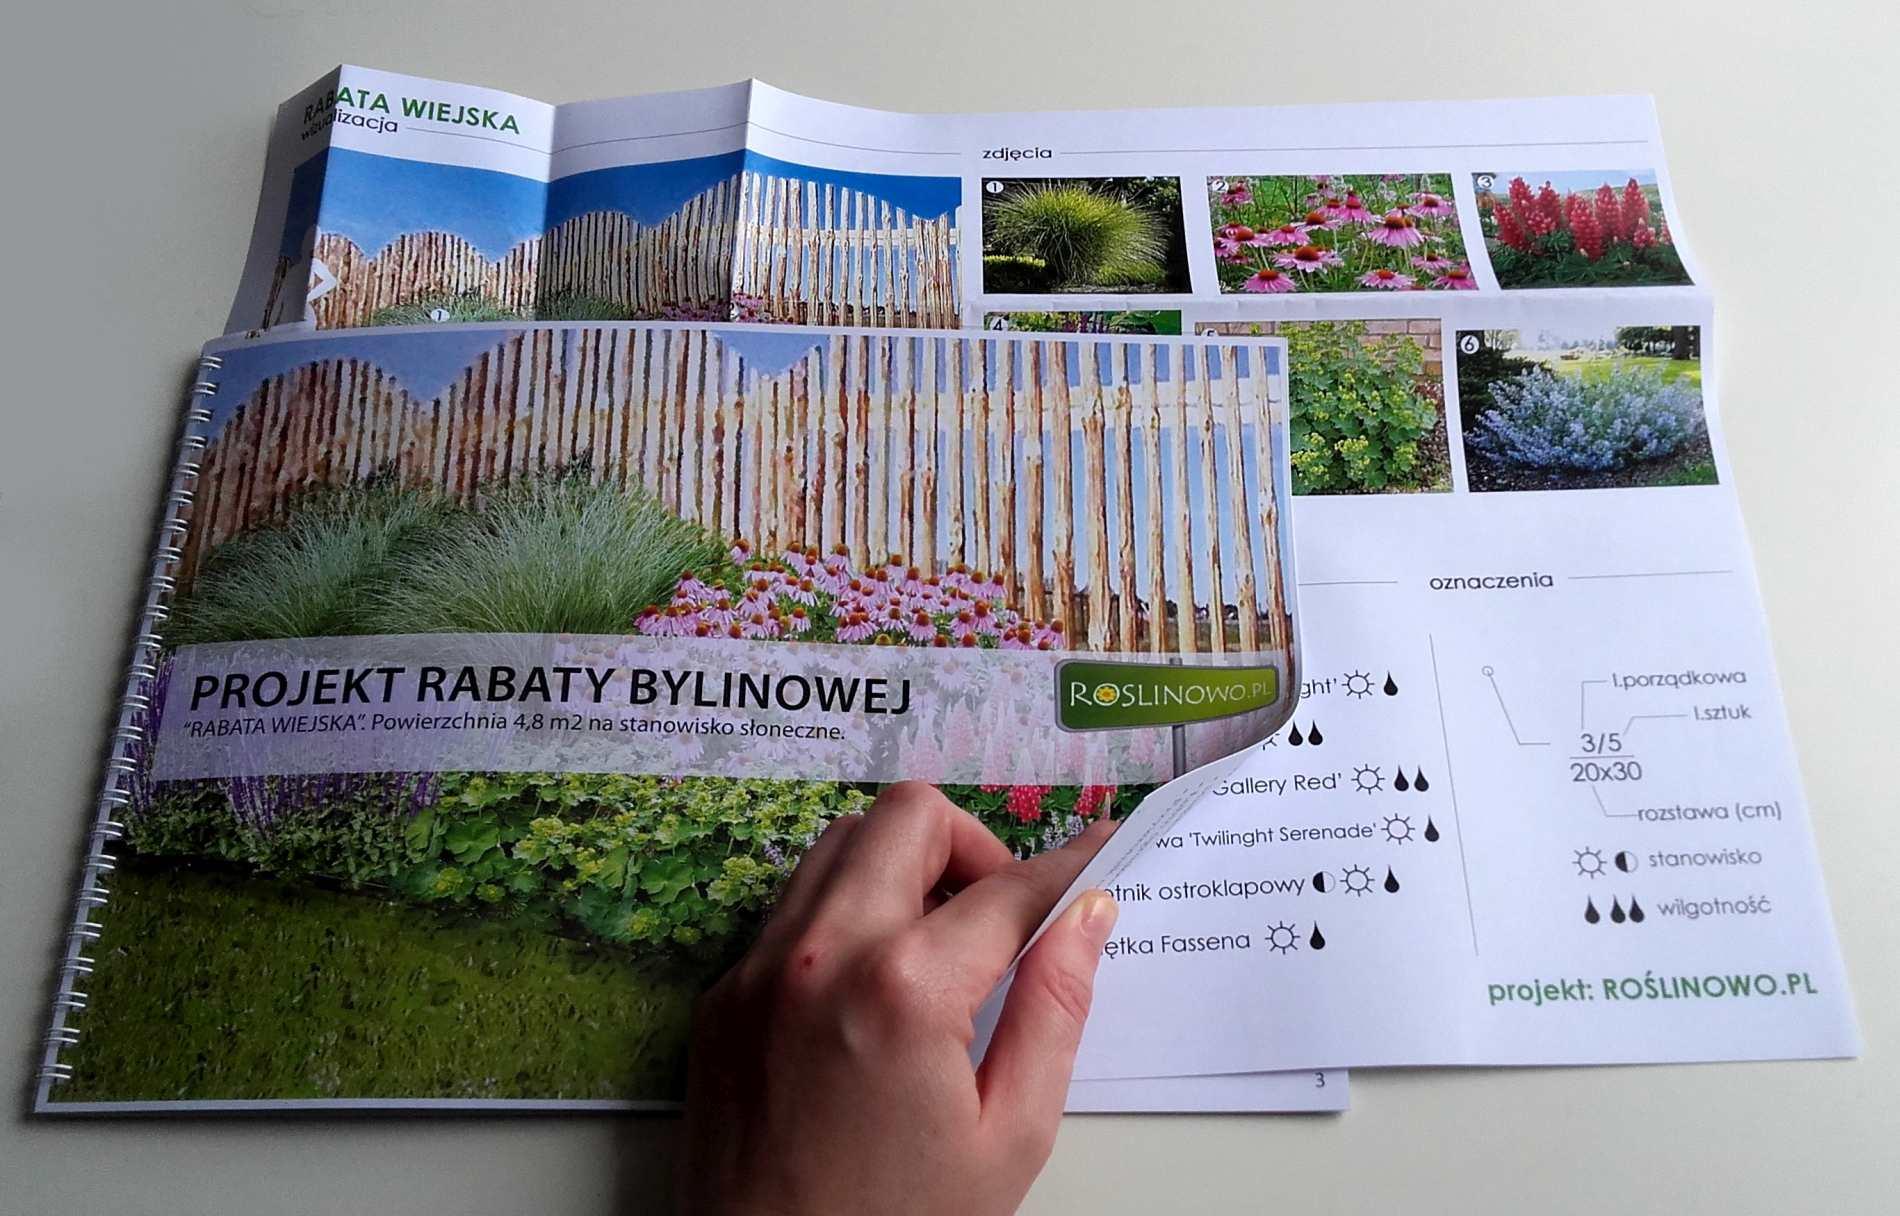 wydrukowany projekt rabaty bylinowej - wiejska